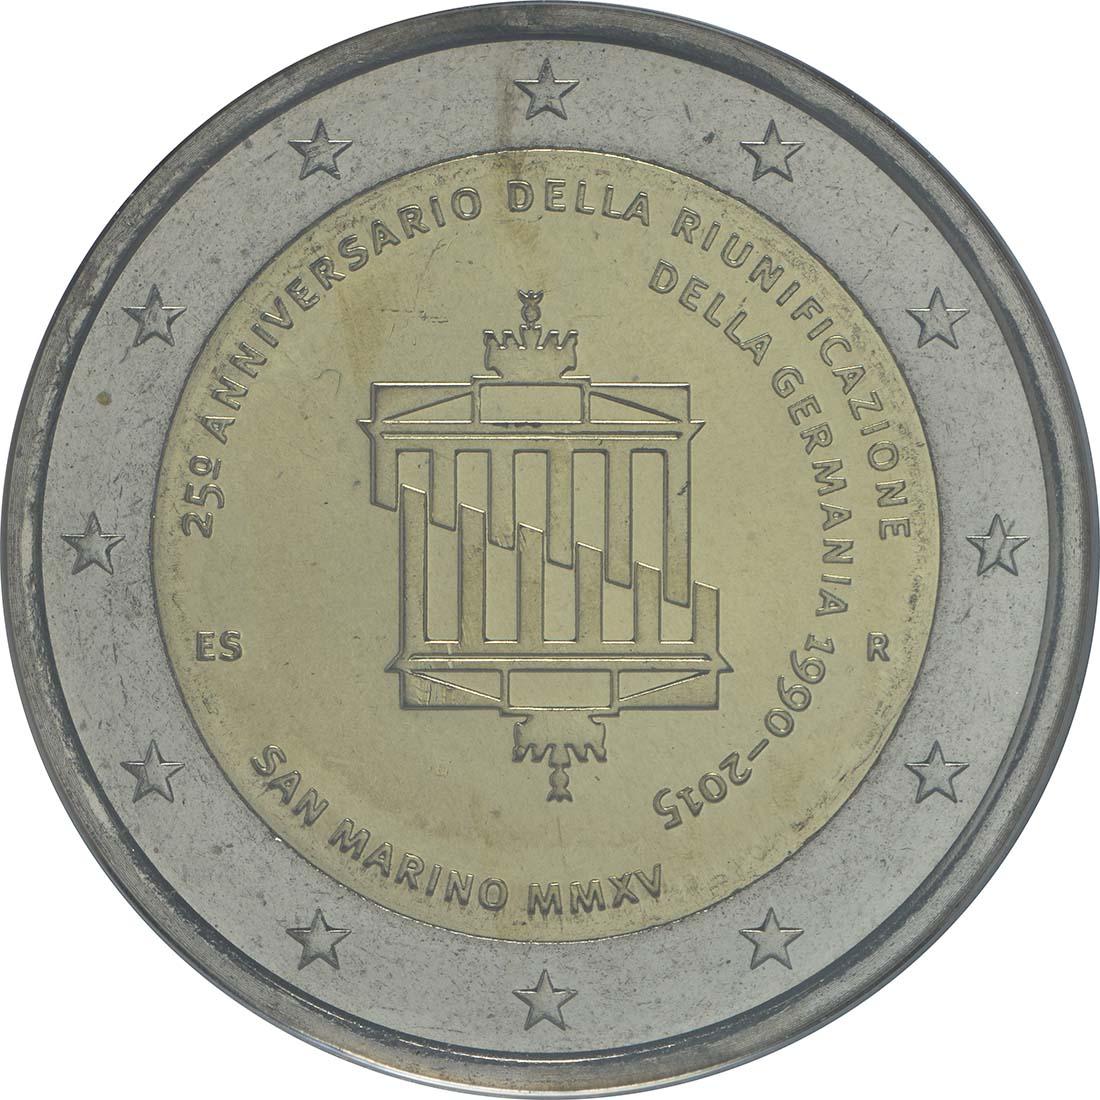 2015 201 San Marino Deutsche Einheit.jpg